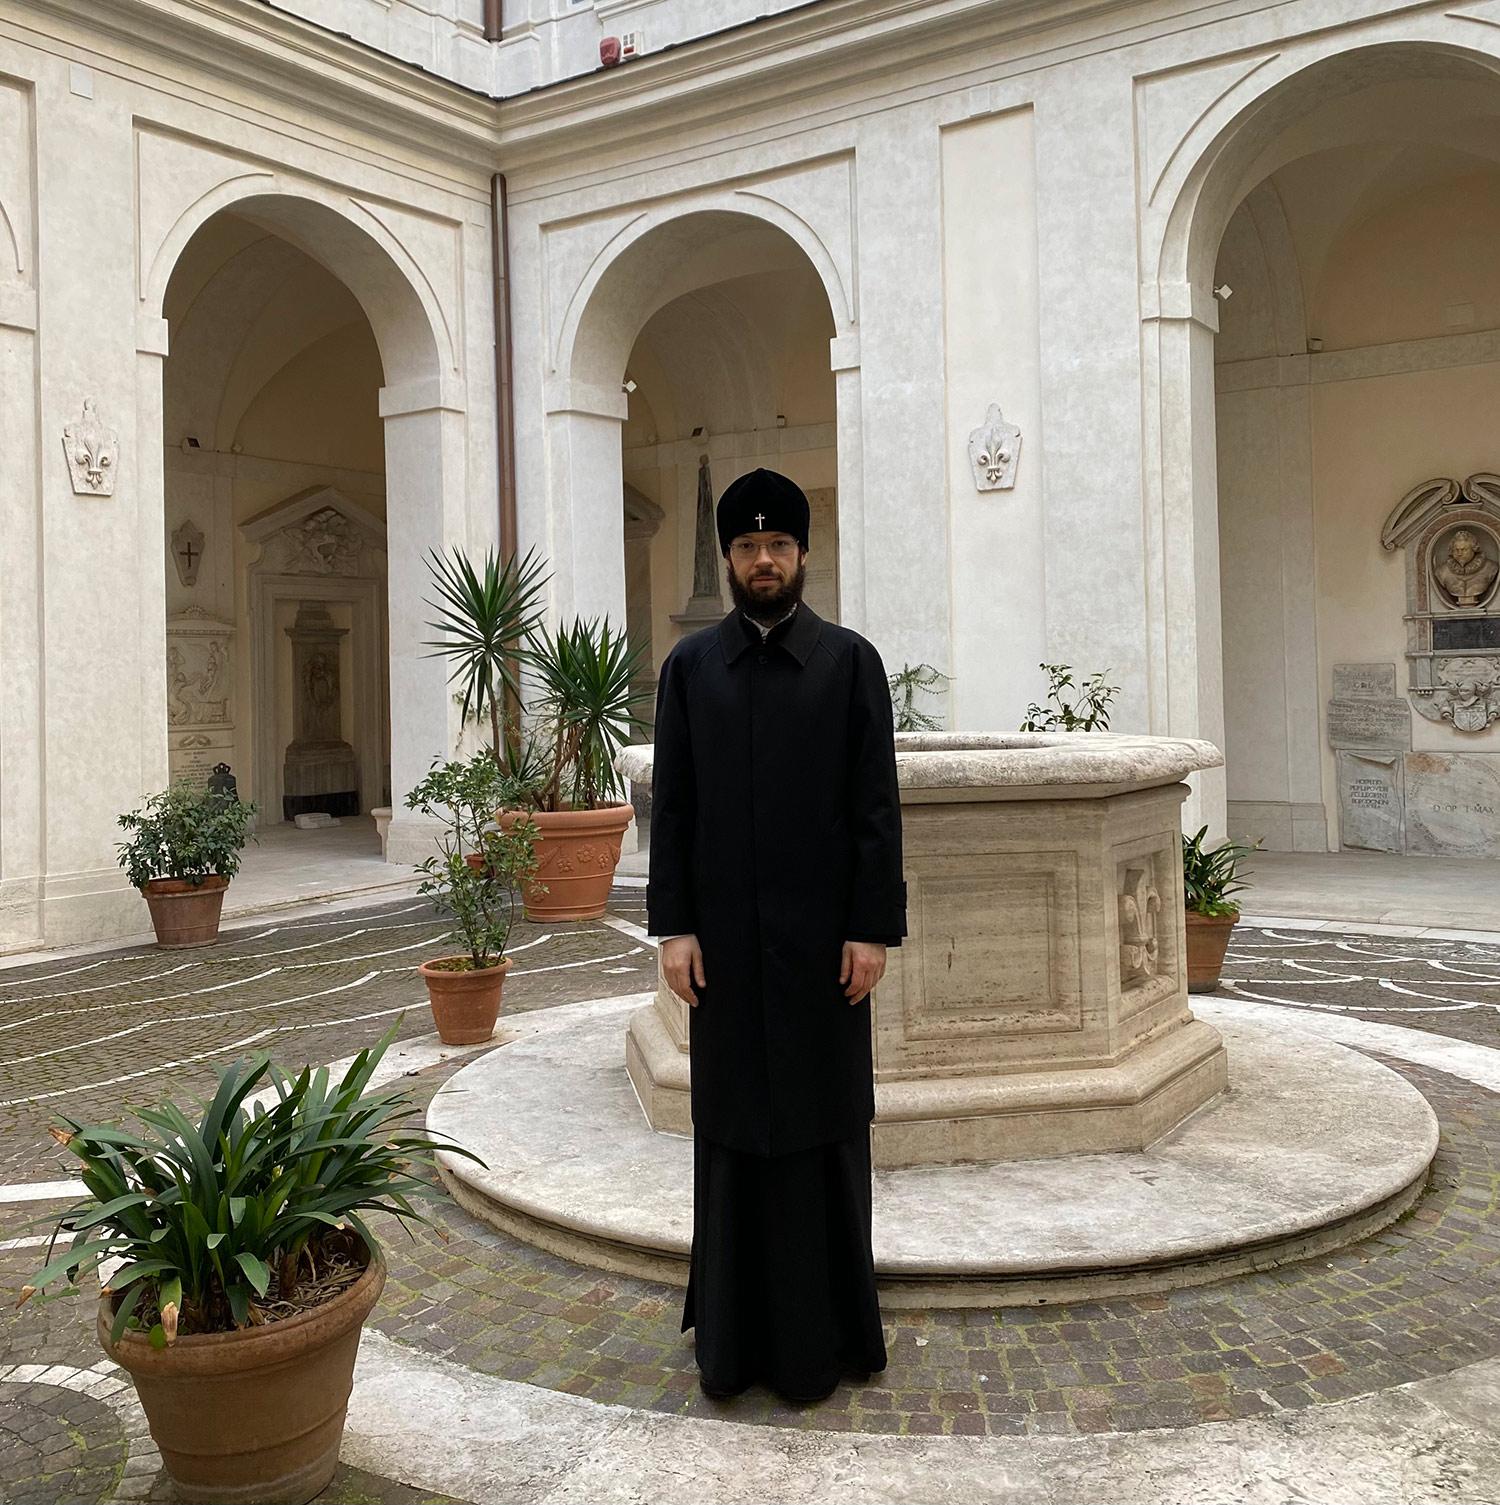 Посещение Французского колледжа в Риме